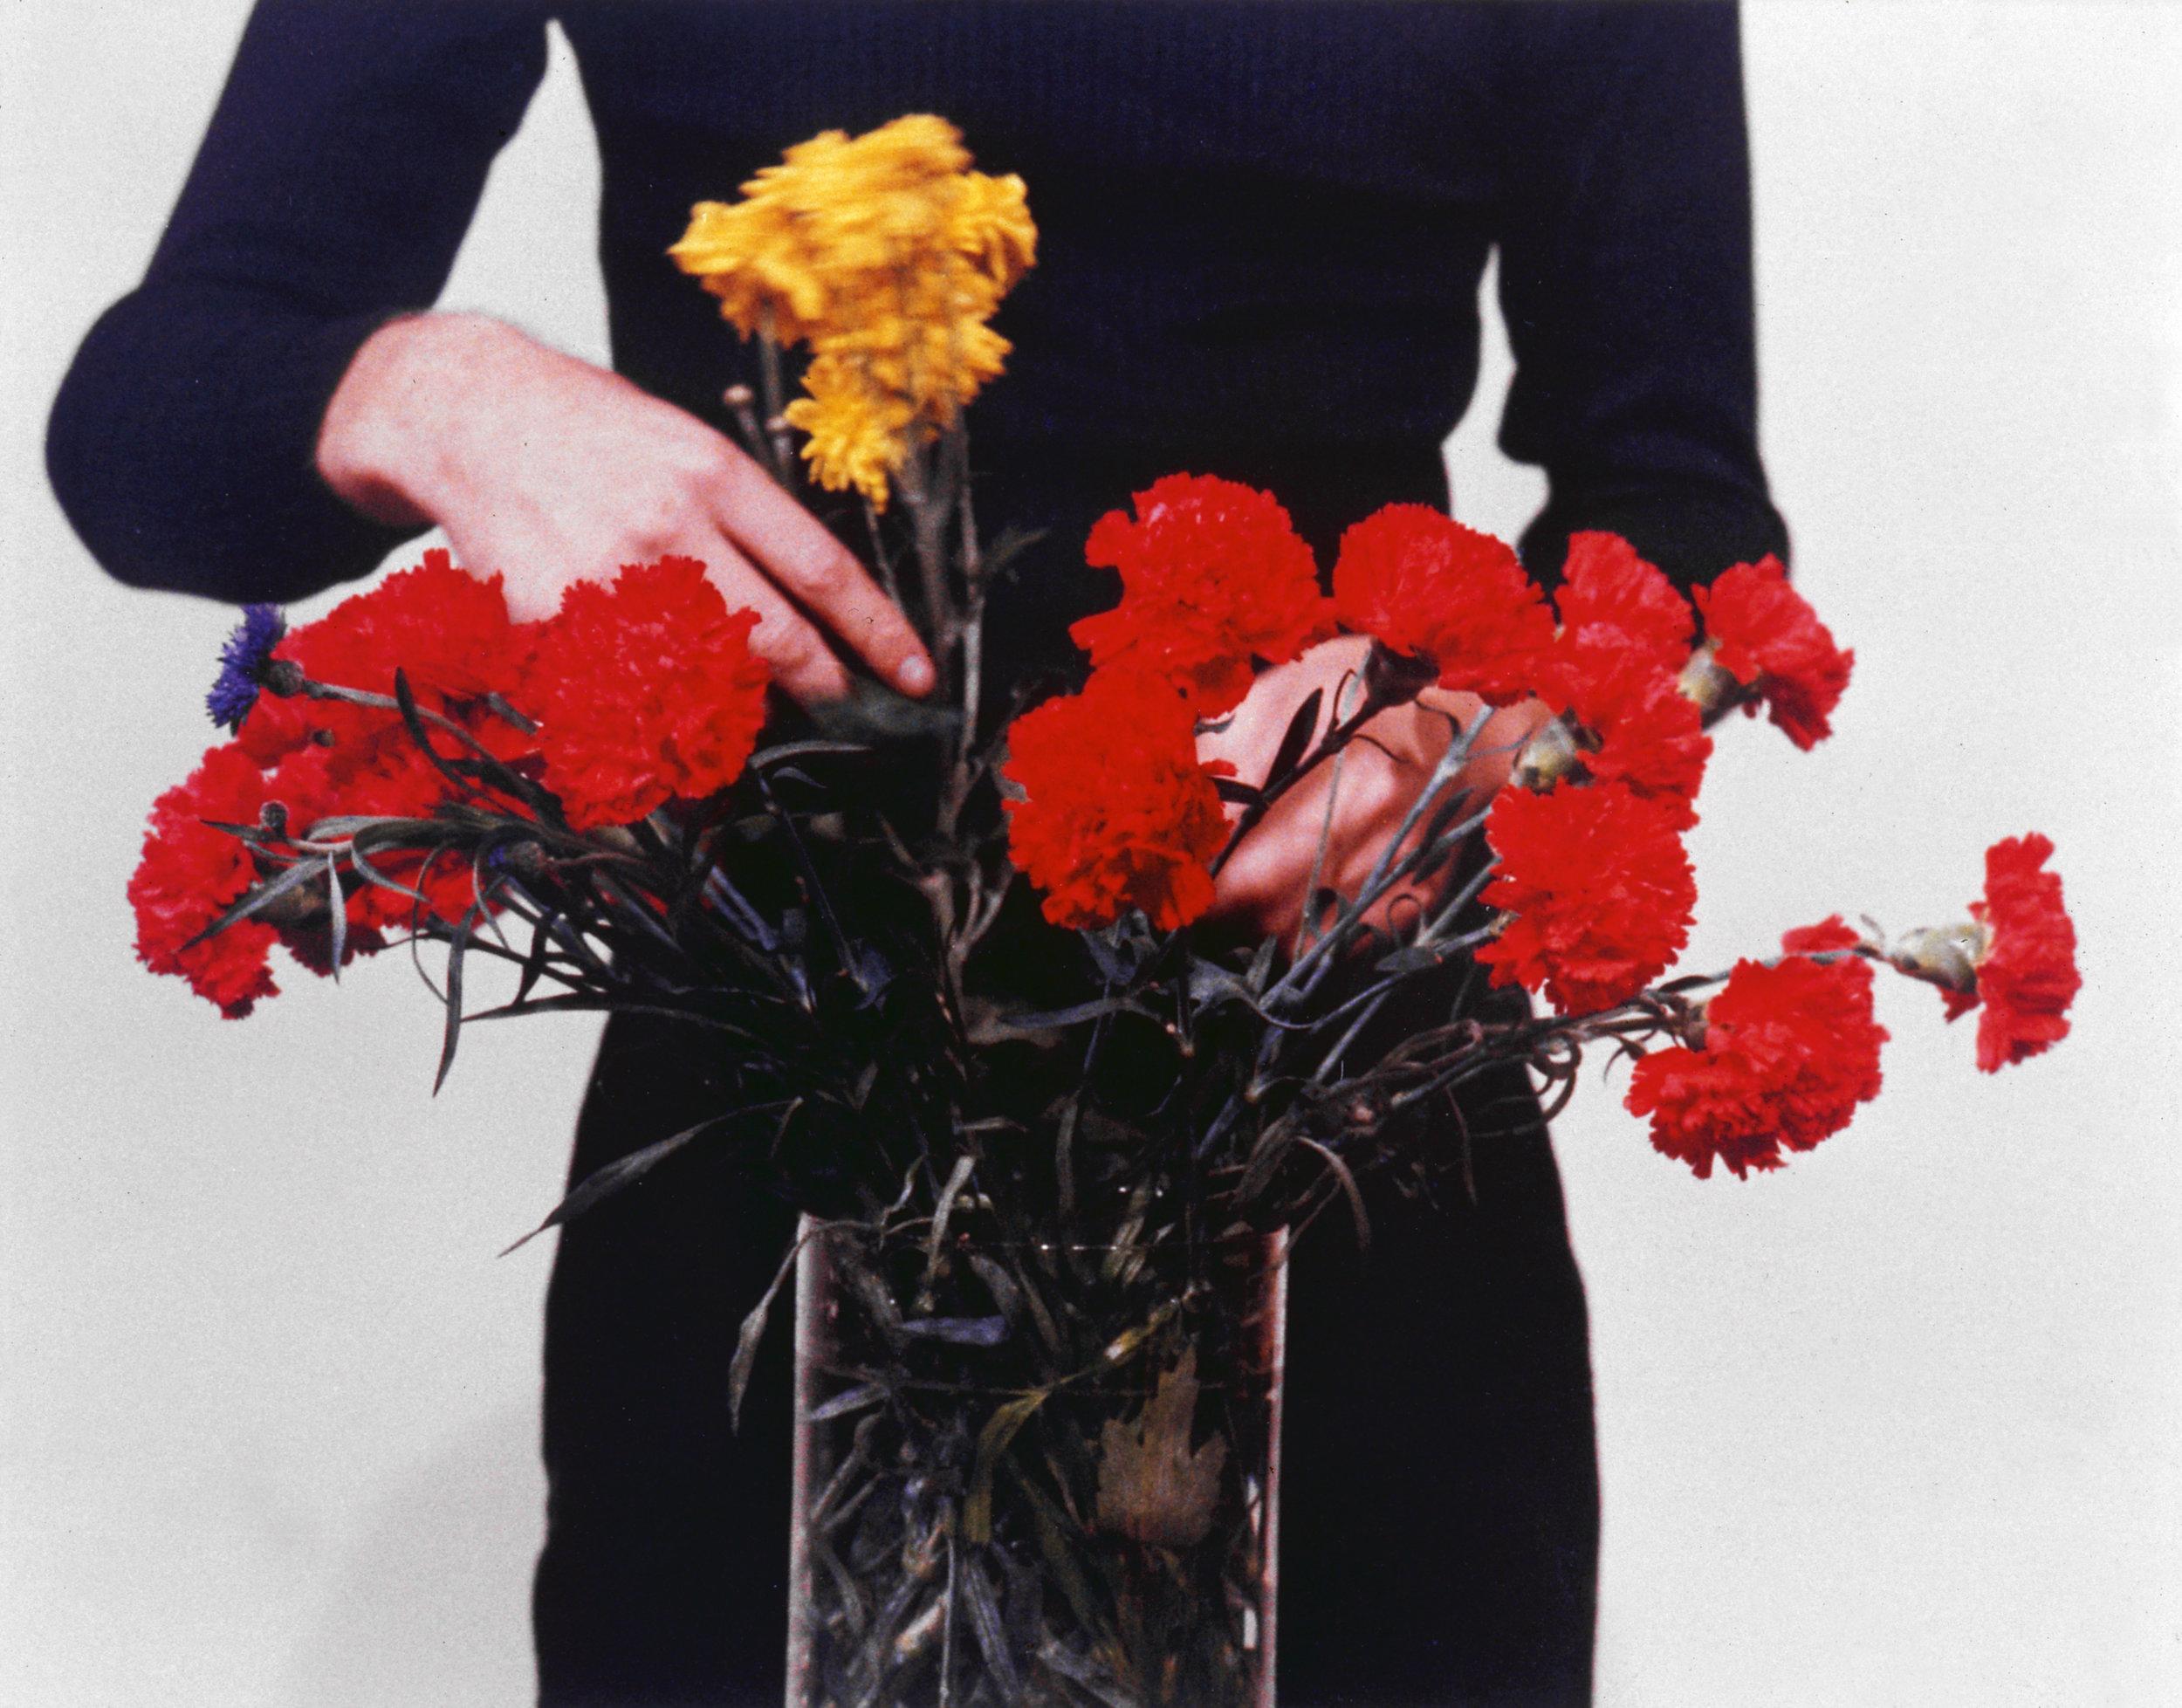 Bas Jan Ader  Primary Time,    1974  Video, color, silent 25 min. 47 sec. Collection Fondation Louis Vuitton Paris. © ADAGP, Paris 2019 © Fondation Louis Vuitton / Marc Domage